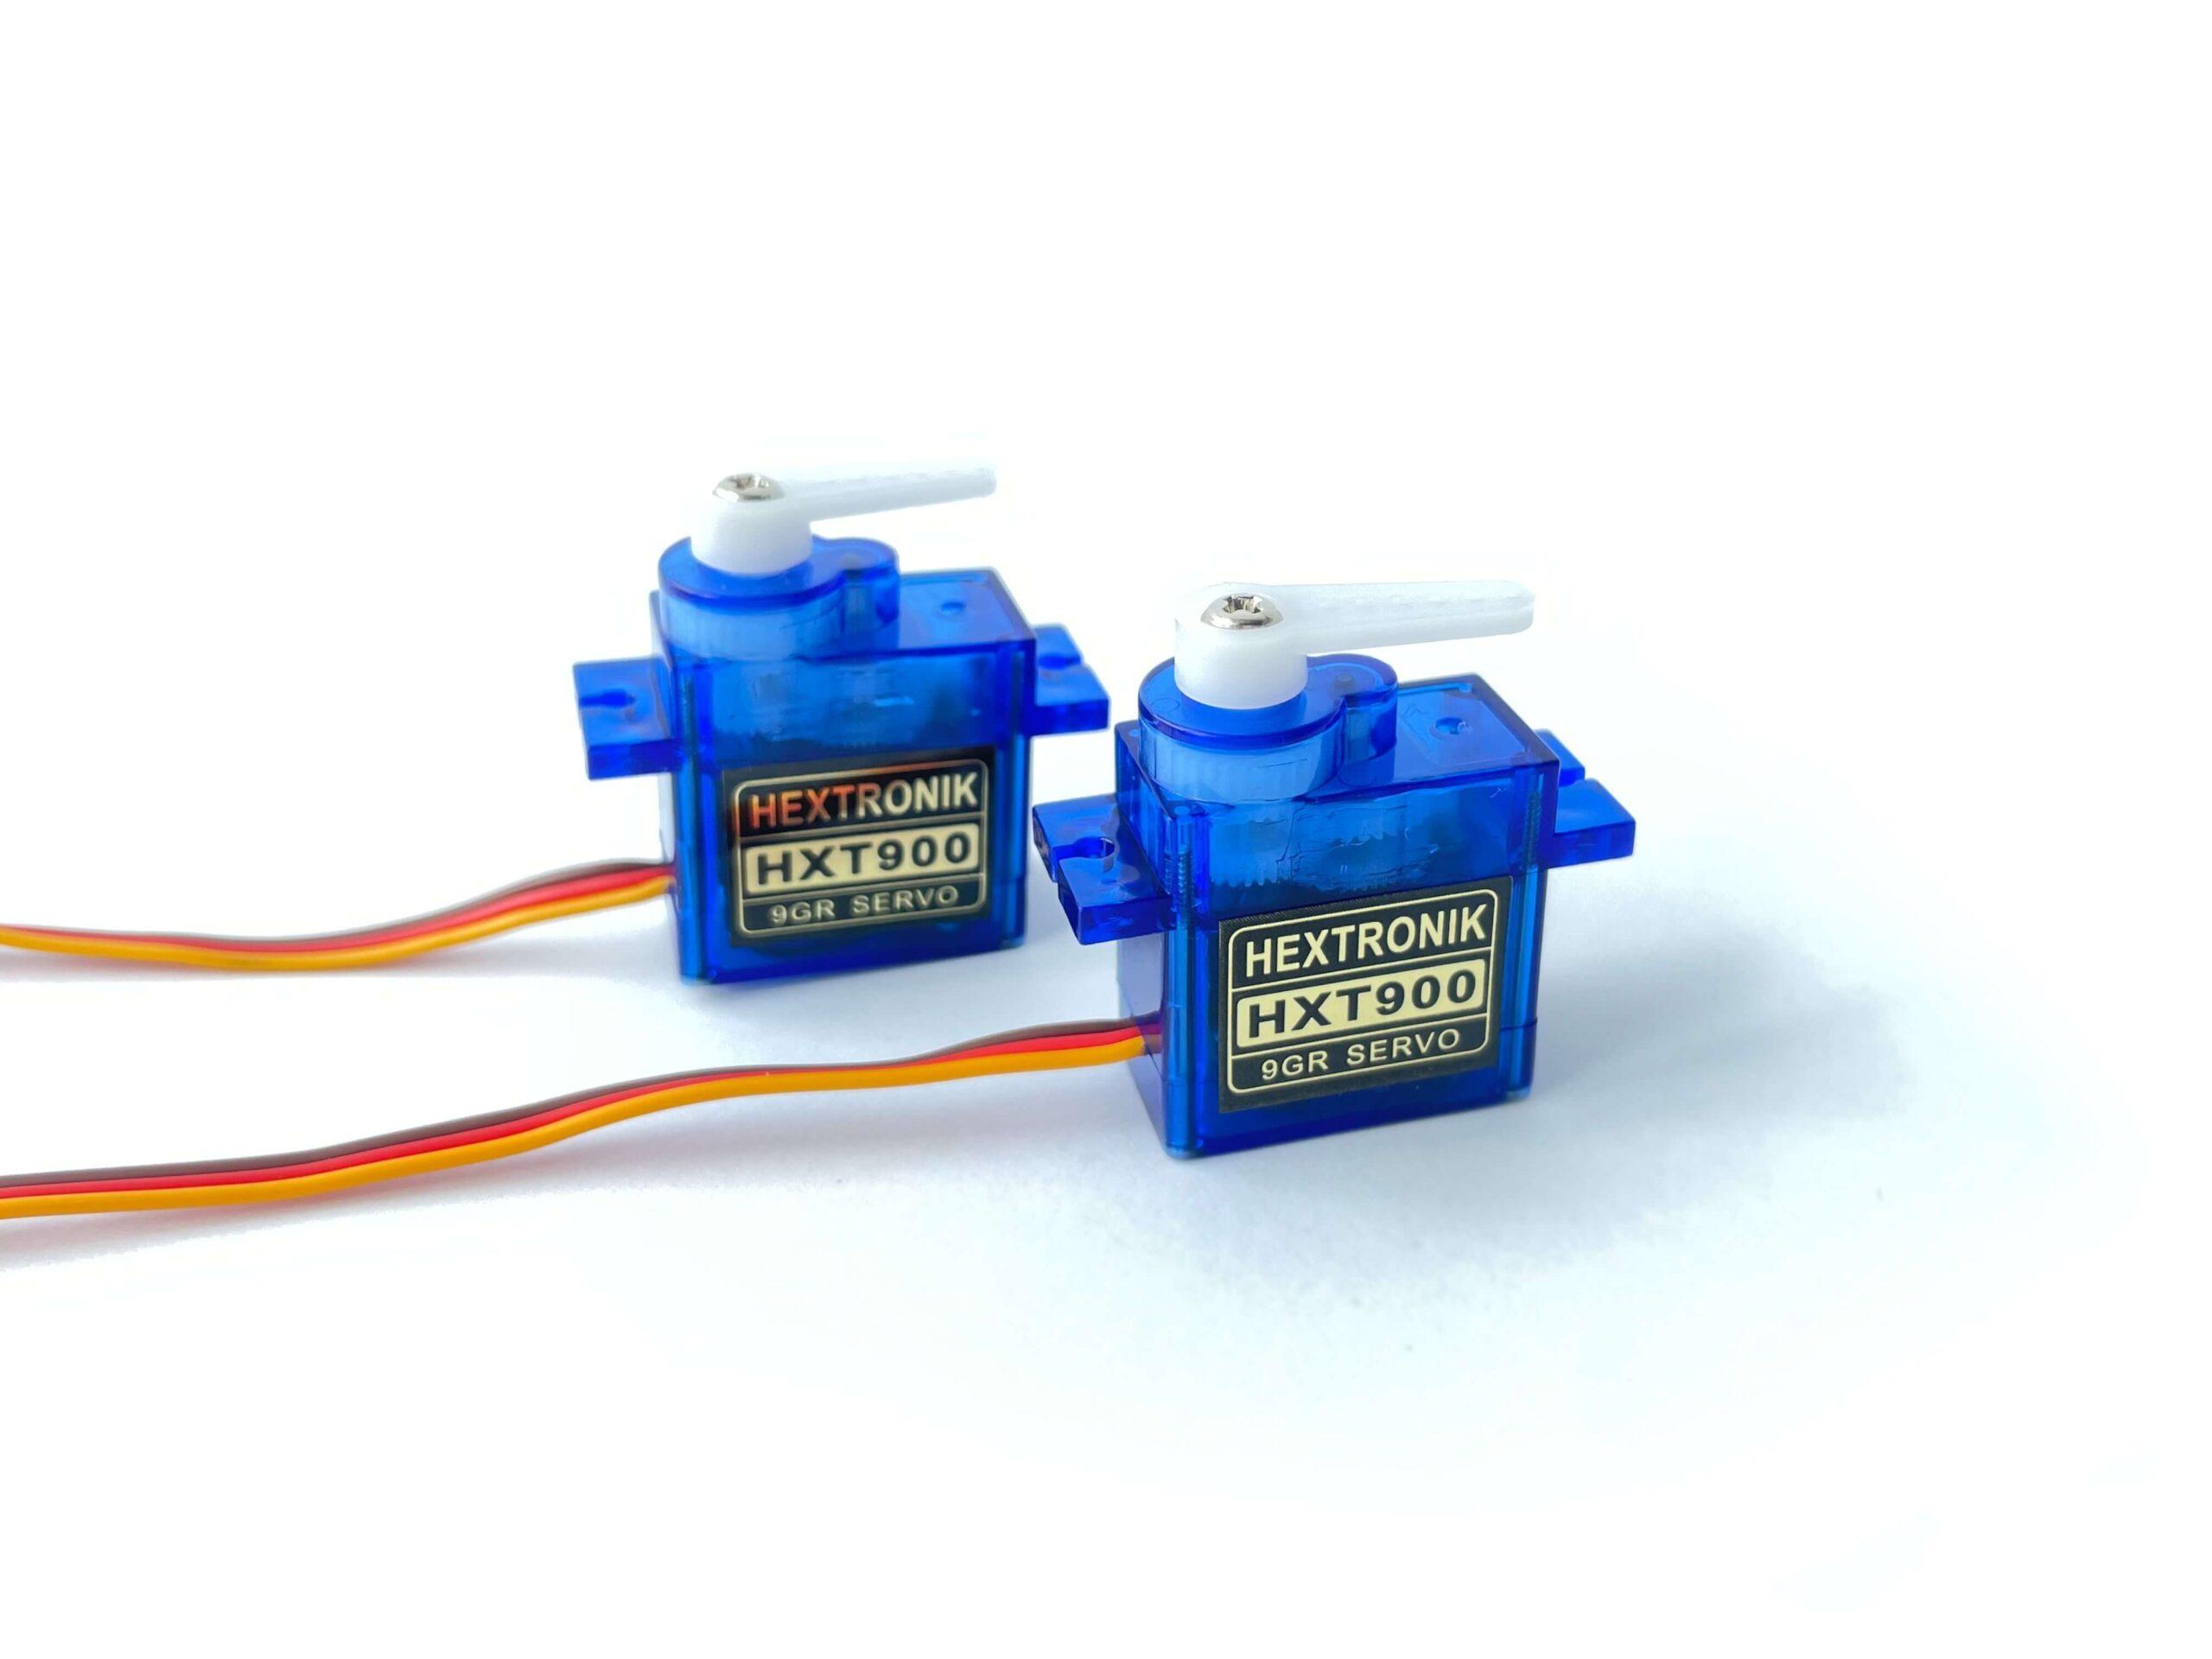 A pair of HXT900 Servos